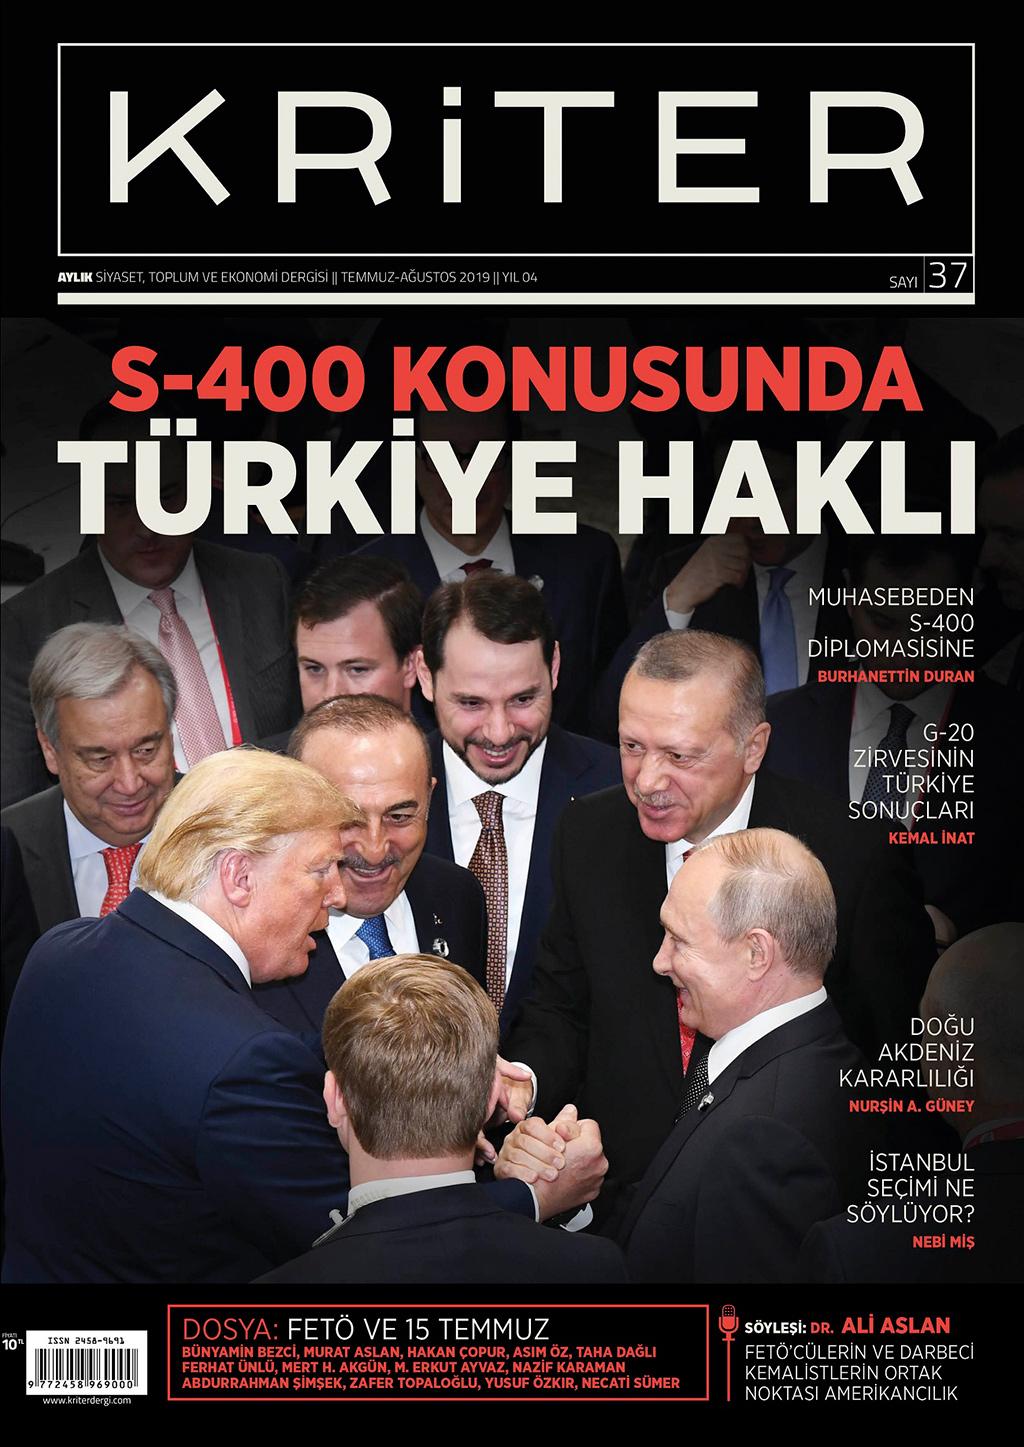 Kriter'in Temmuz Sayısı Çıktı: S-400 Konusunda Türkiye Haklı